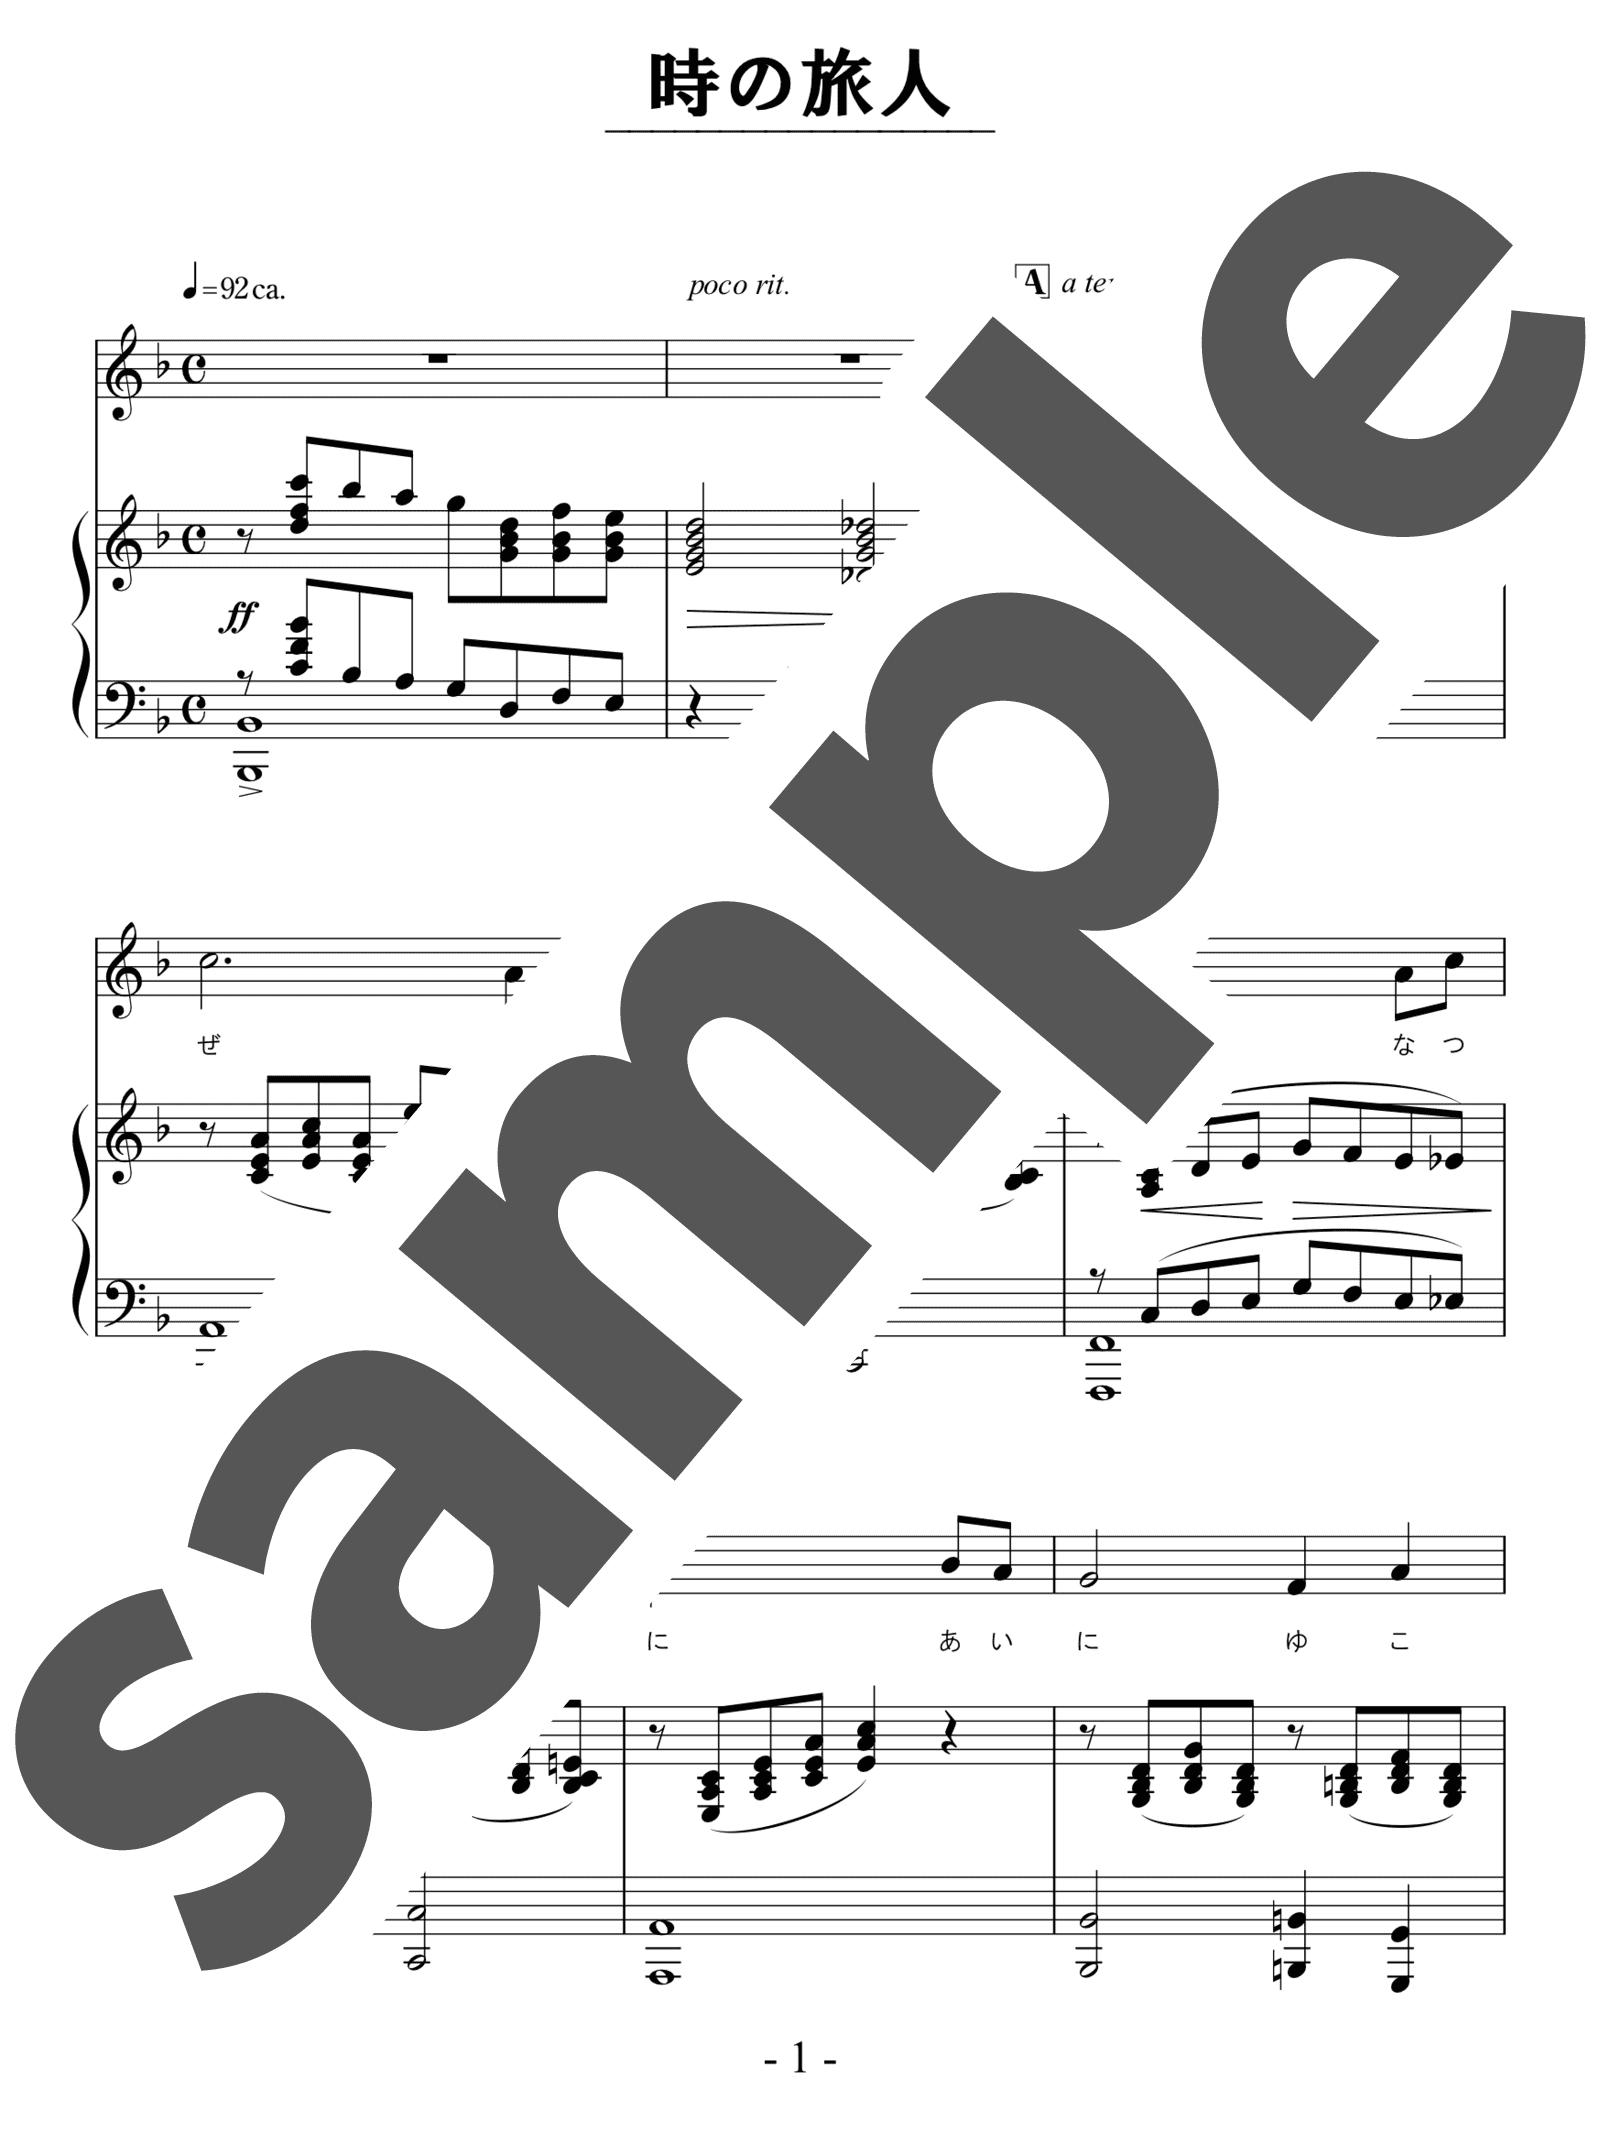 「時の旅人」のサンプル楽譜